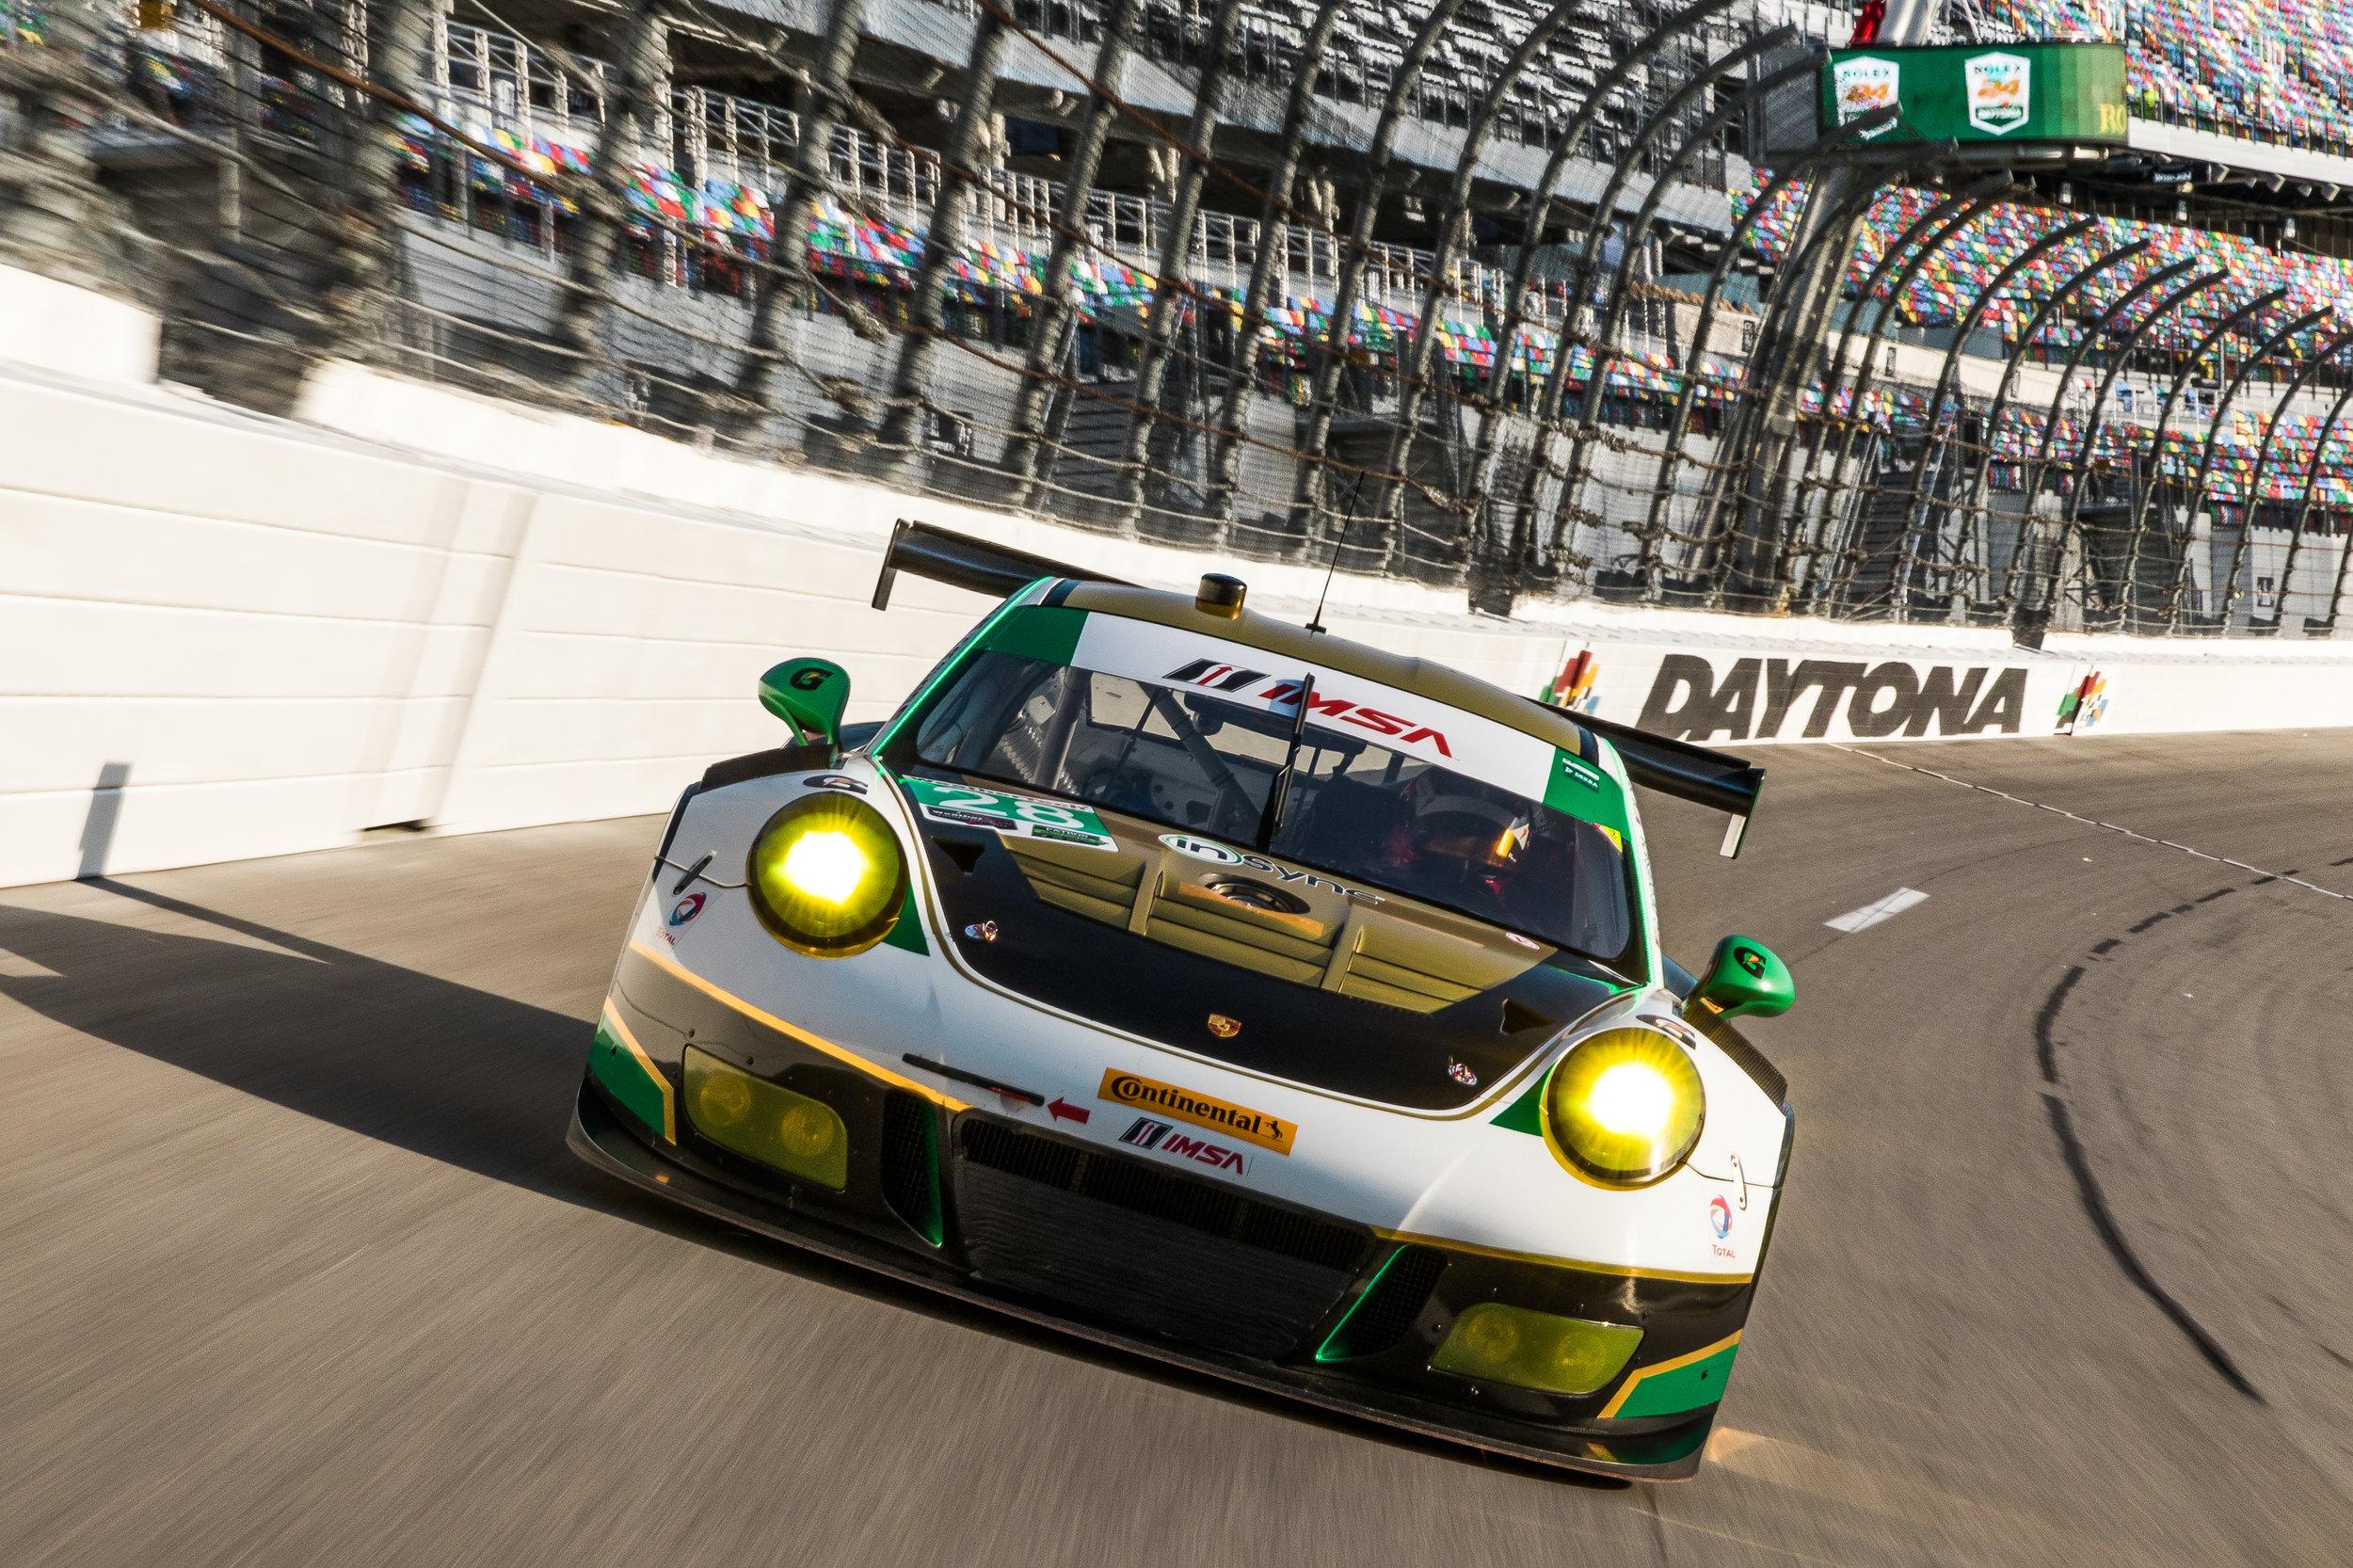 IMSA - Roar 24 2017 - Alegra Motorsports-1.jpg